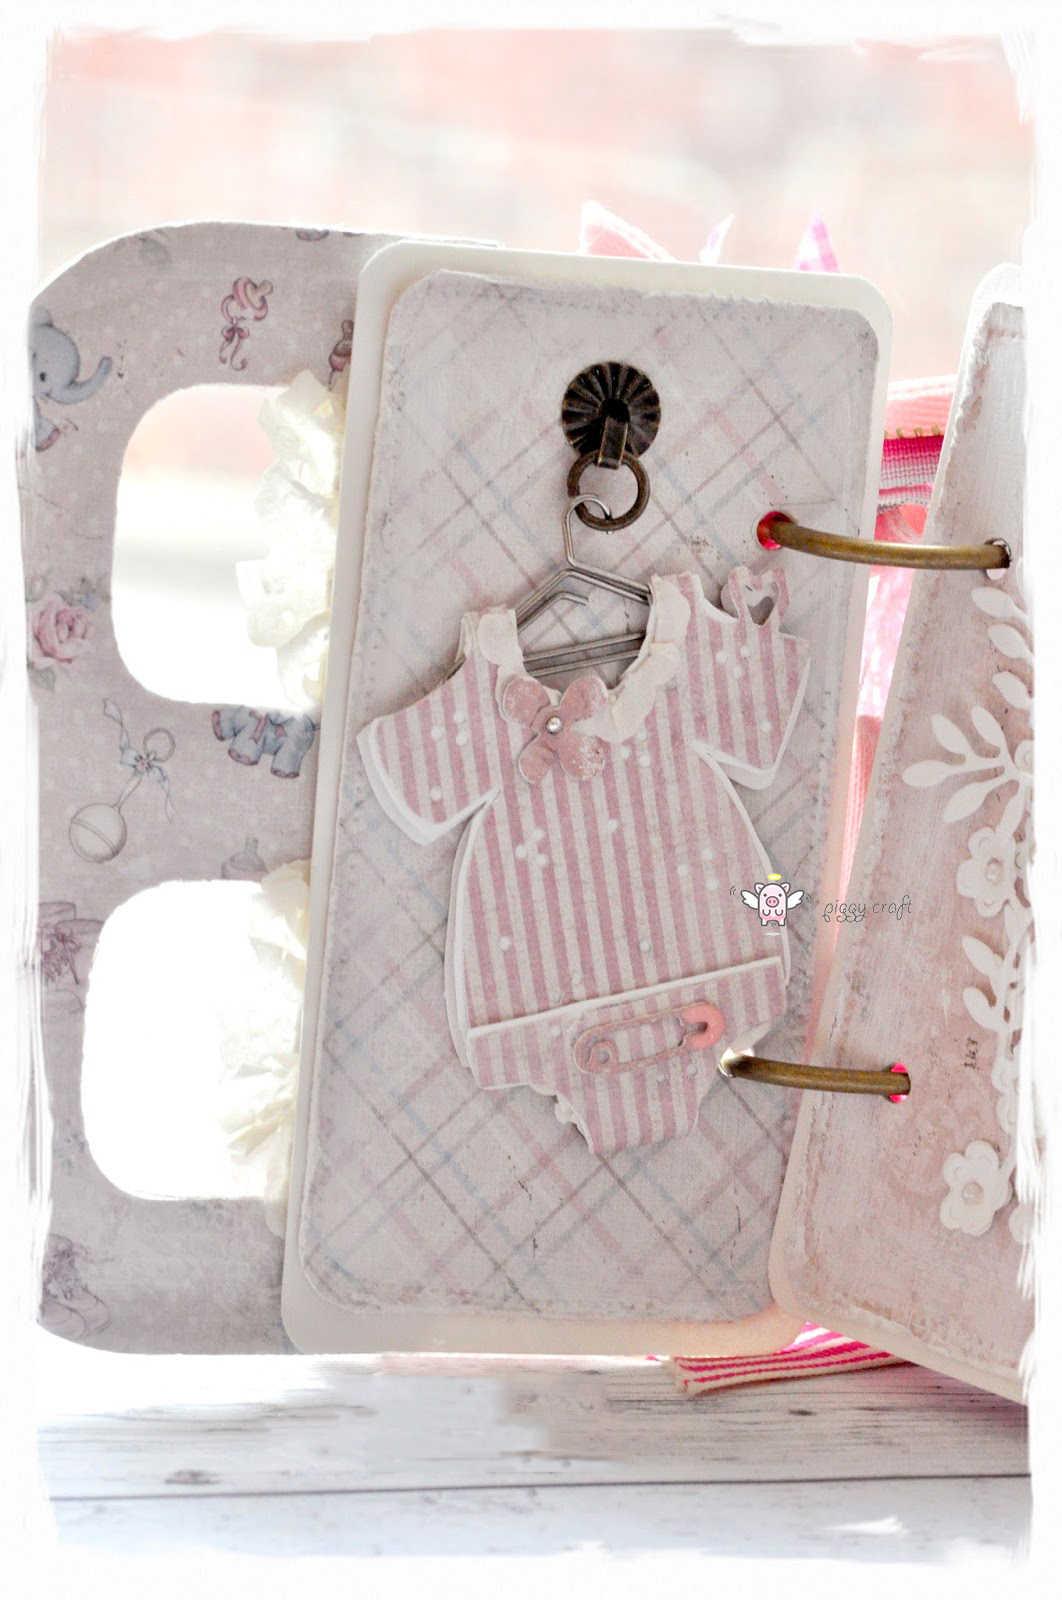 Piggy artesanía de metal de corte muere corte morir molde corazón ropa de bebé Scrapbook papel cuchillo de artesanía molde hoja golpe plantillas muere